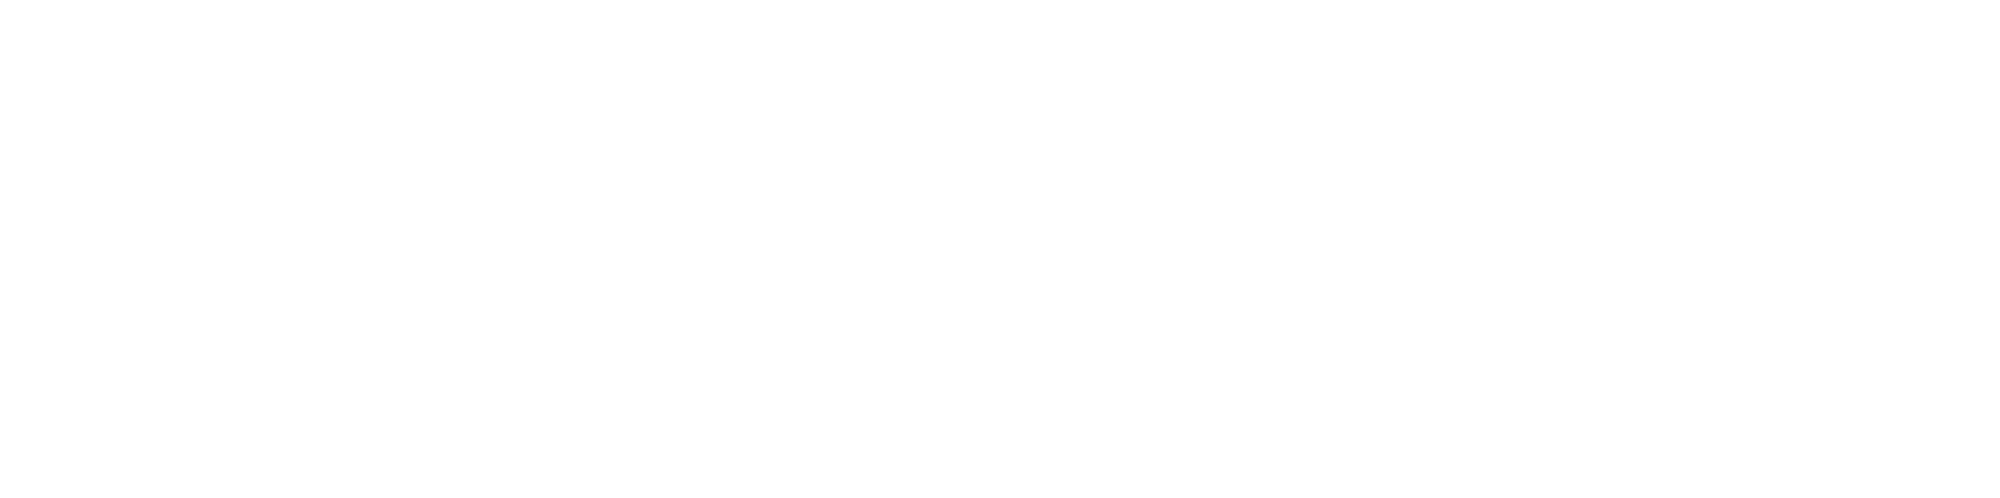 Hocking Hills UMC